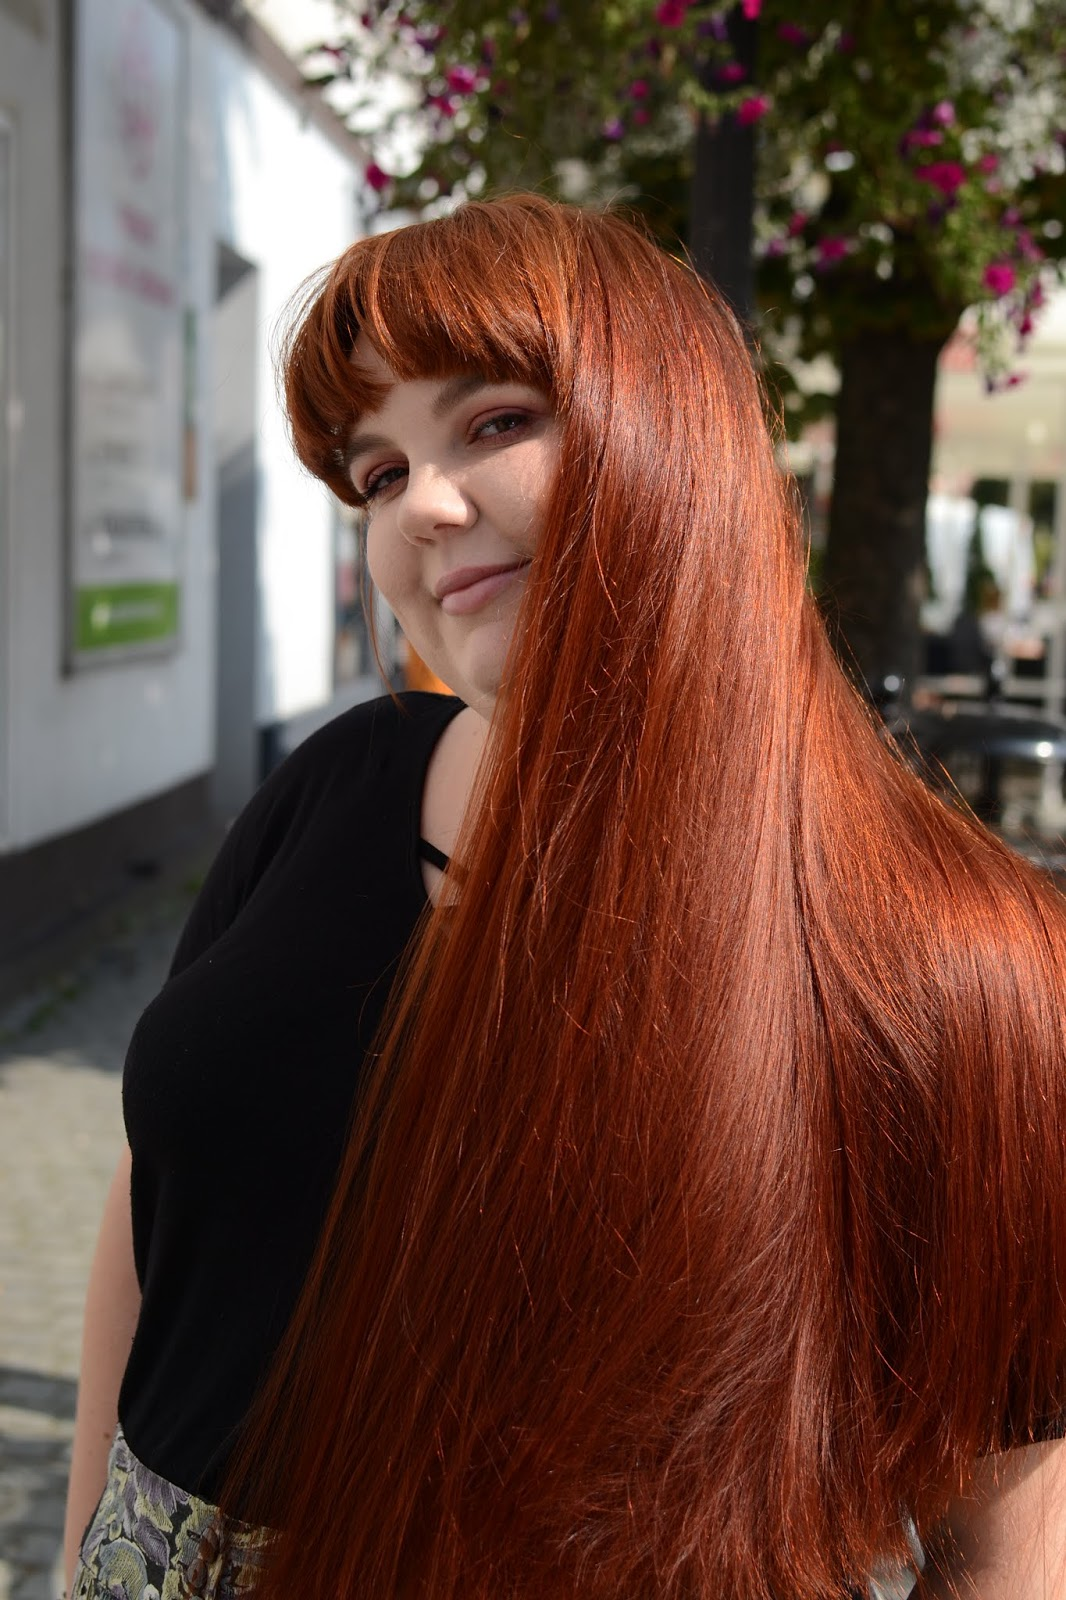 Plan ratunkowy na jesienne wypadanie włosów - suplementy, dieta, naturalne wspomaganie. Cała prawda o suplementacji